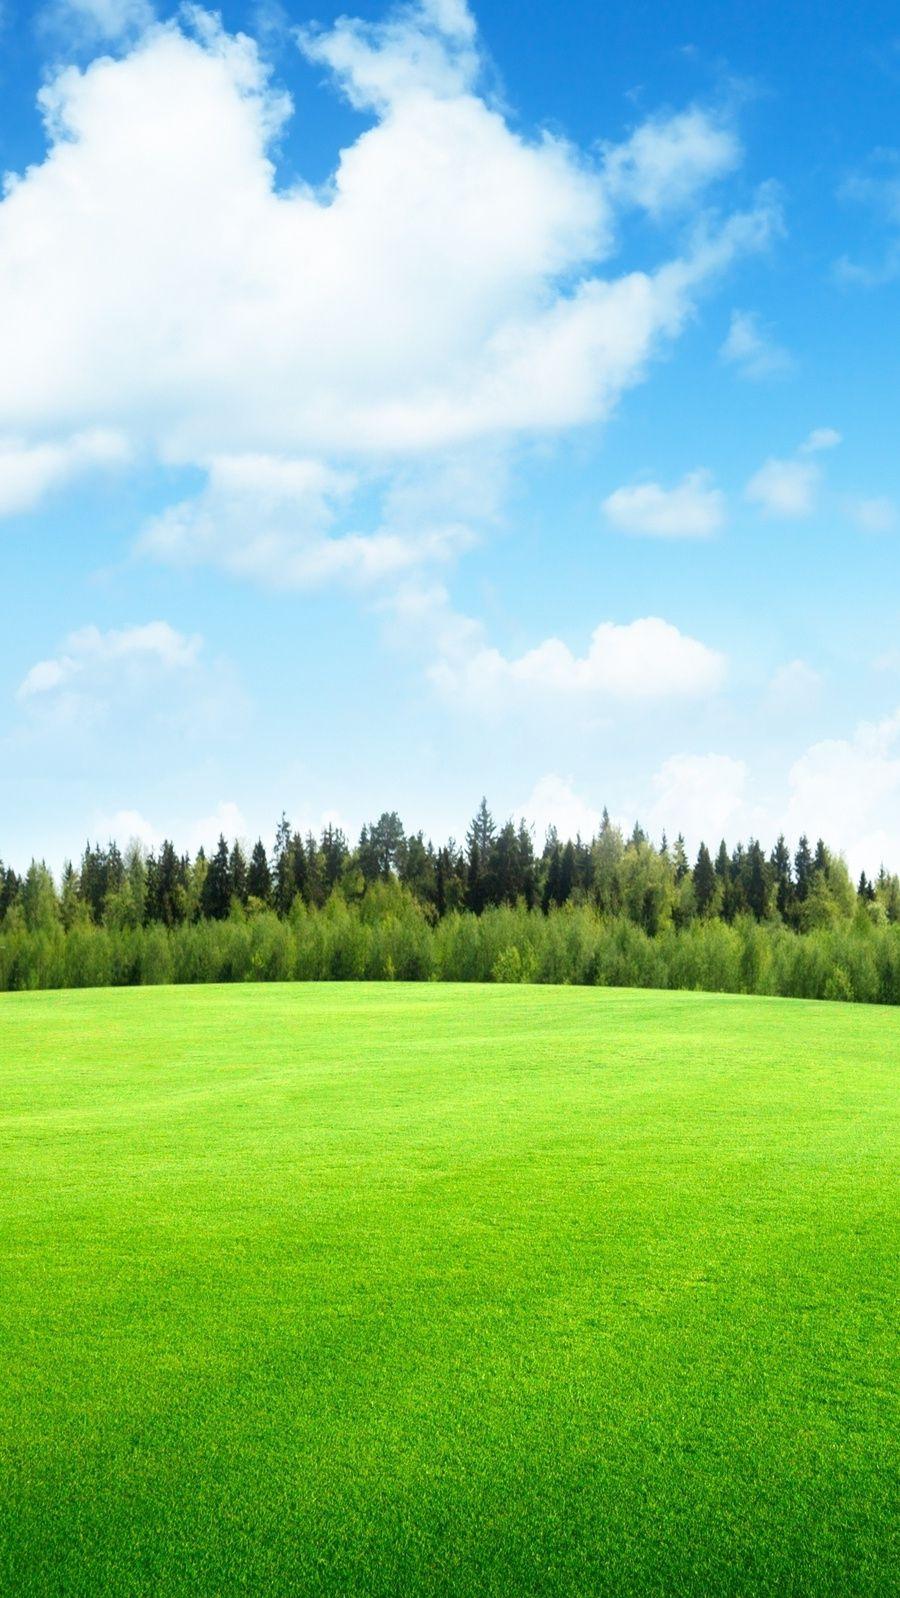 29+ Green Grass Wallpaper Aesthetic